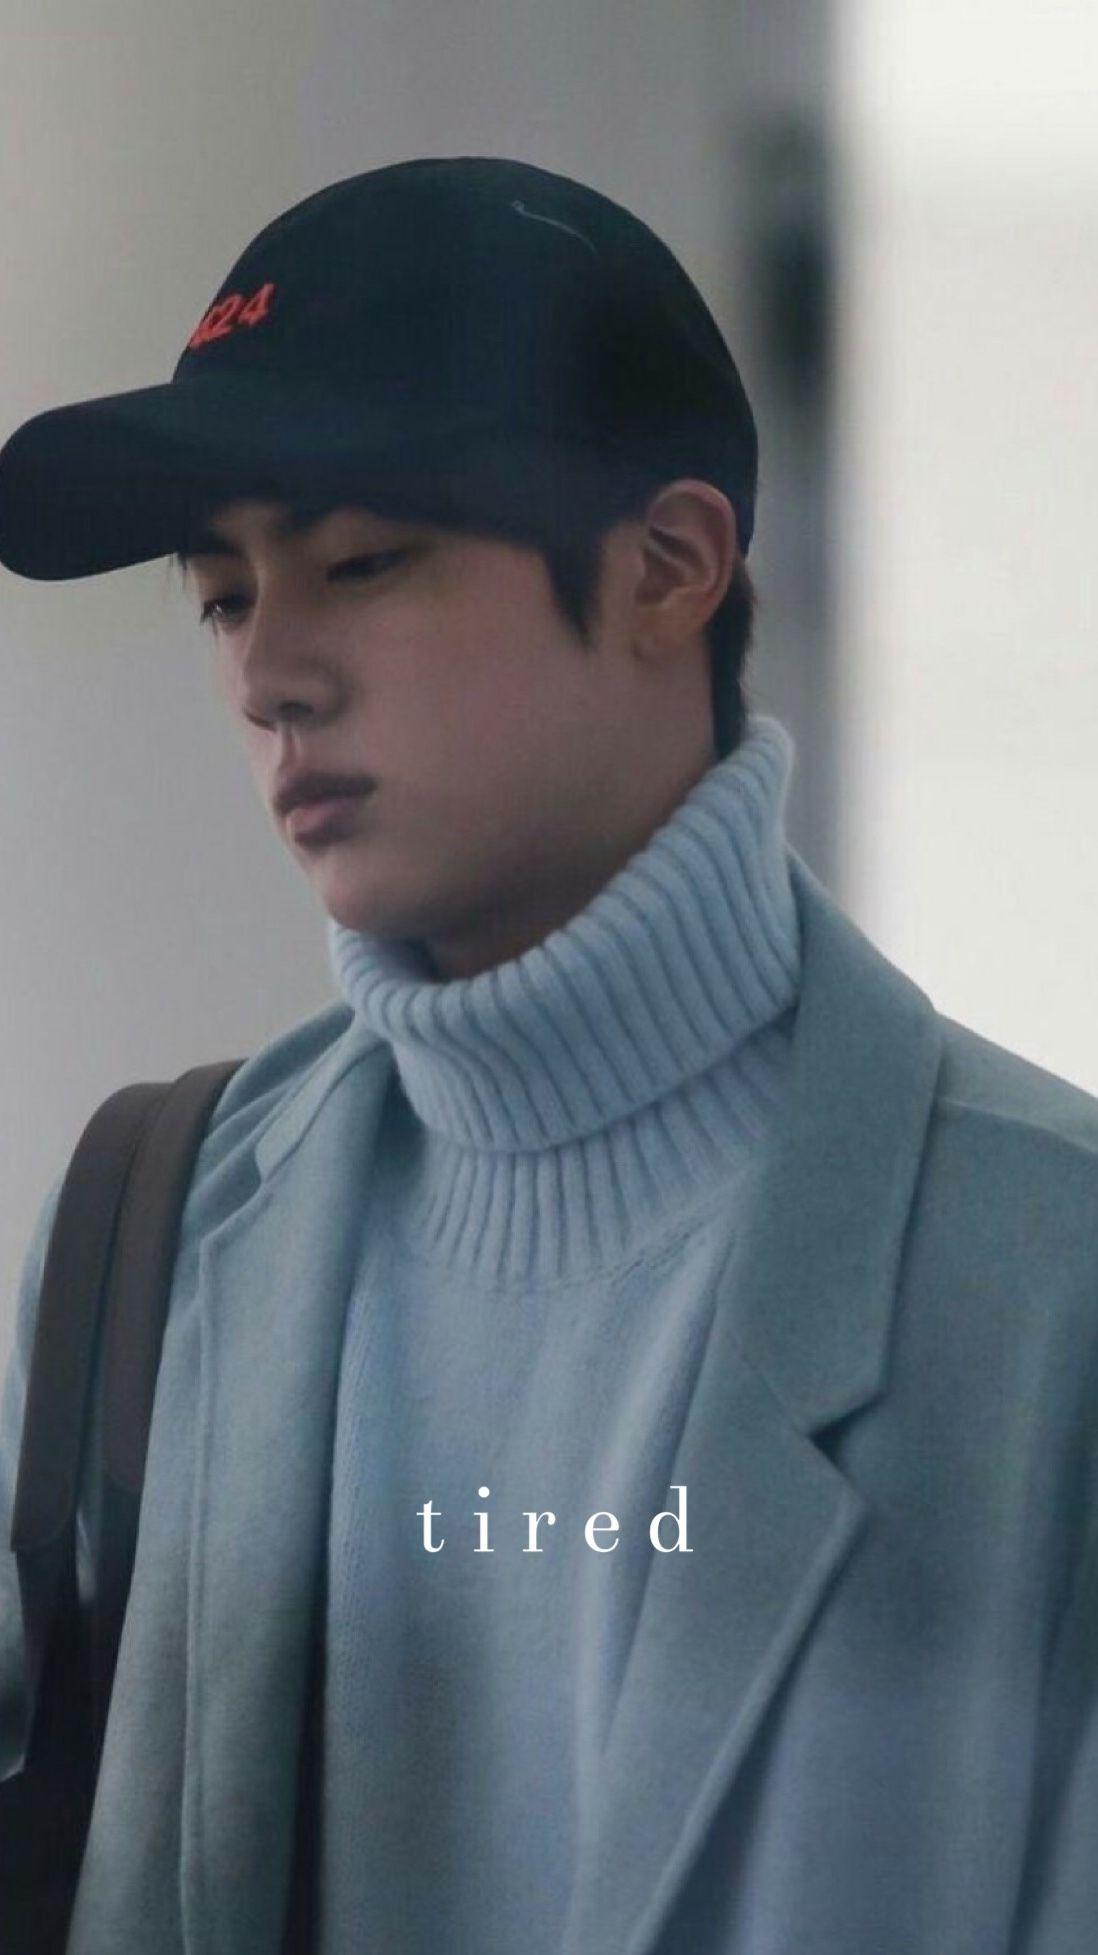 Bts Seokjin Wallpaper Kimseokjin In 2019 Bts Jin Seokjin Bts